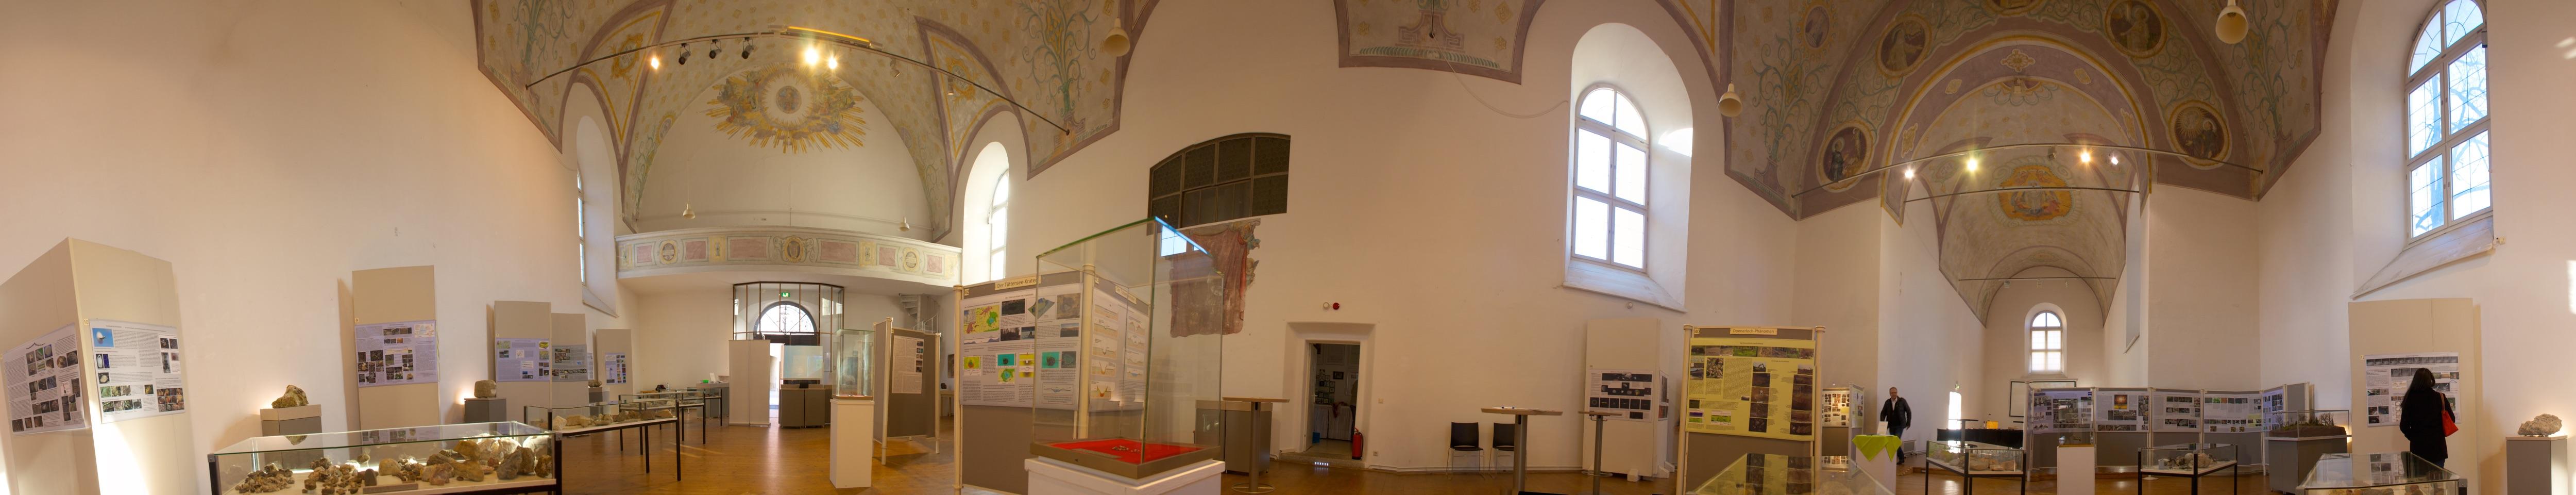 Chiemgau Komet Ausstellung Traunstein